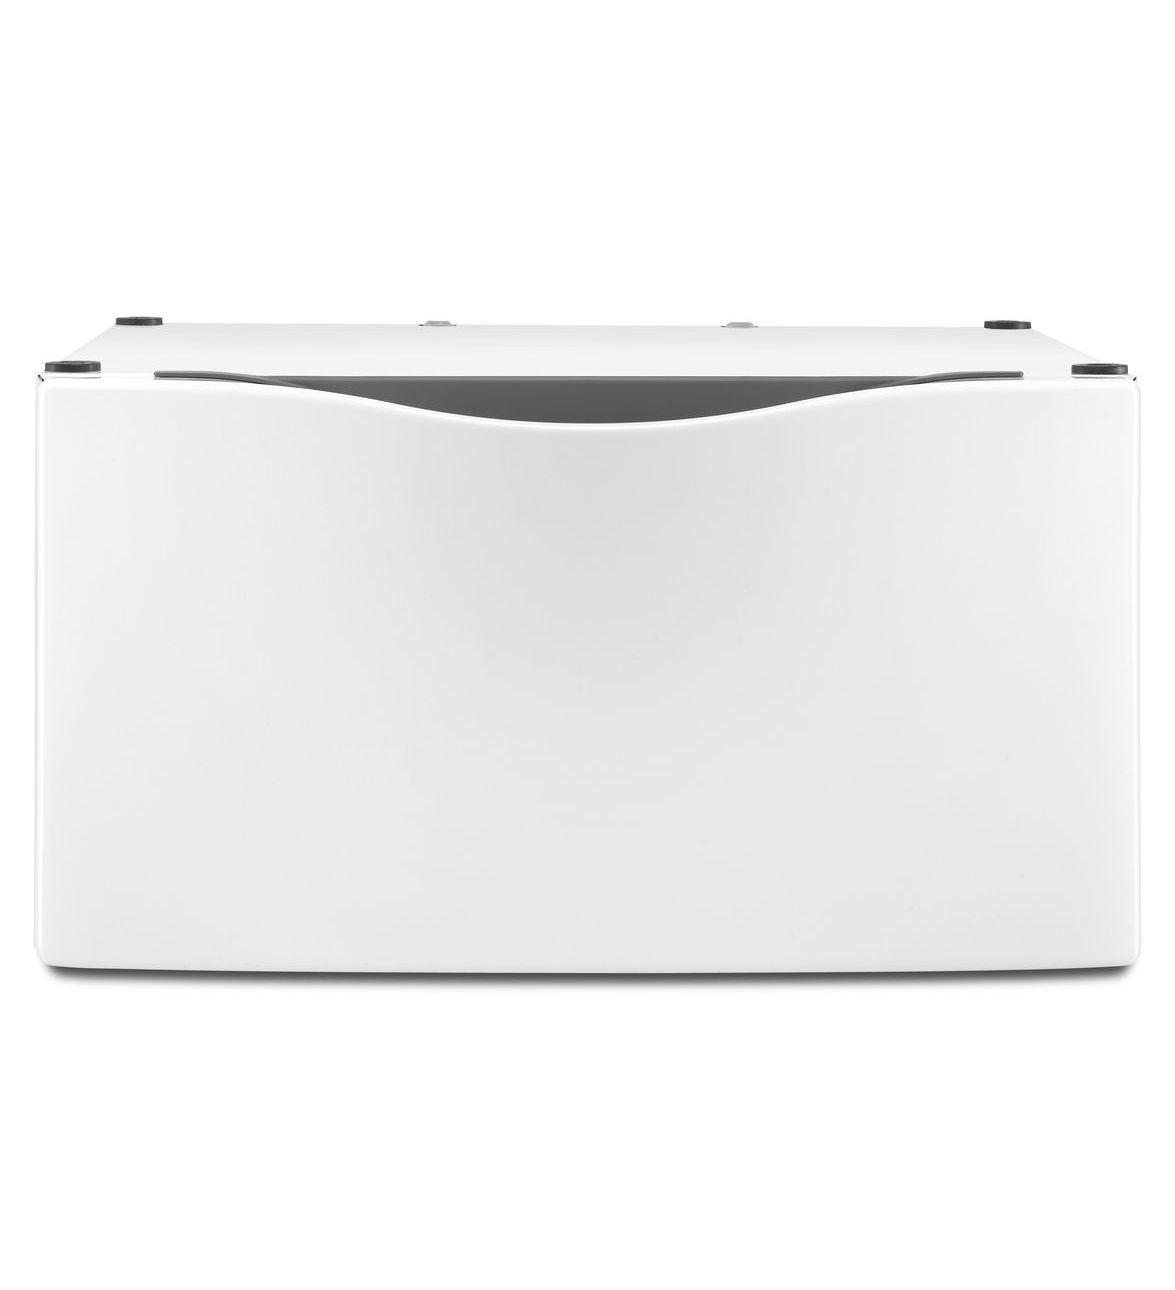 p diamond in pedestal steel pedestals laundry drawer storage with maytag